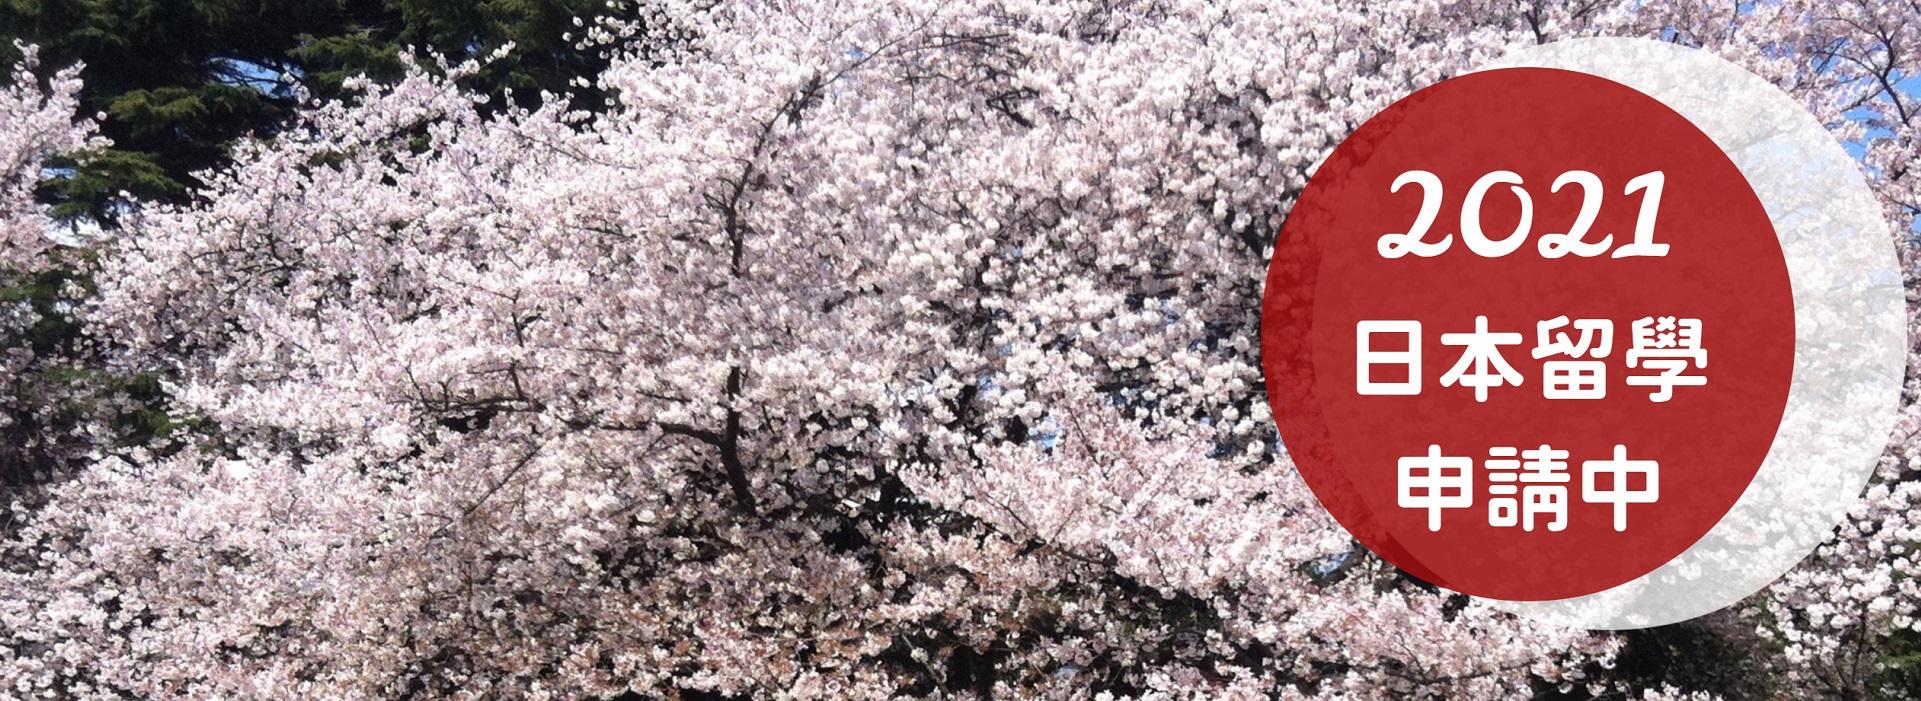 2021日本留學申請中深紅白